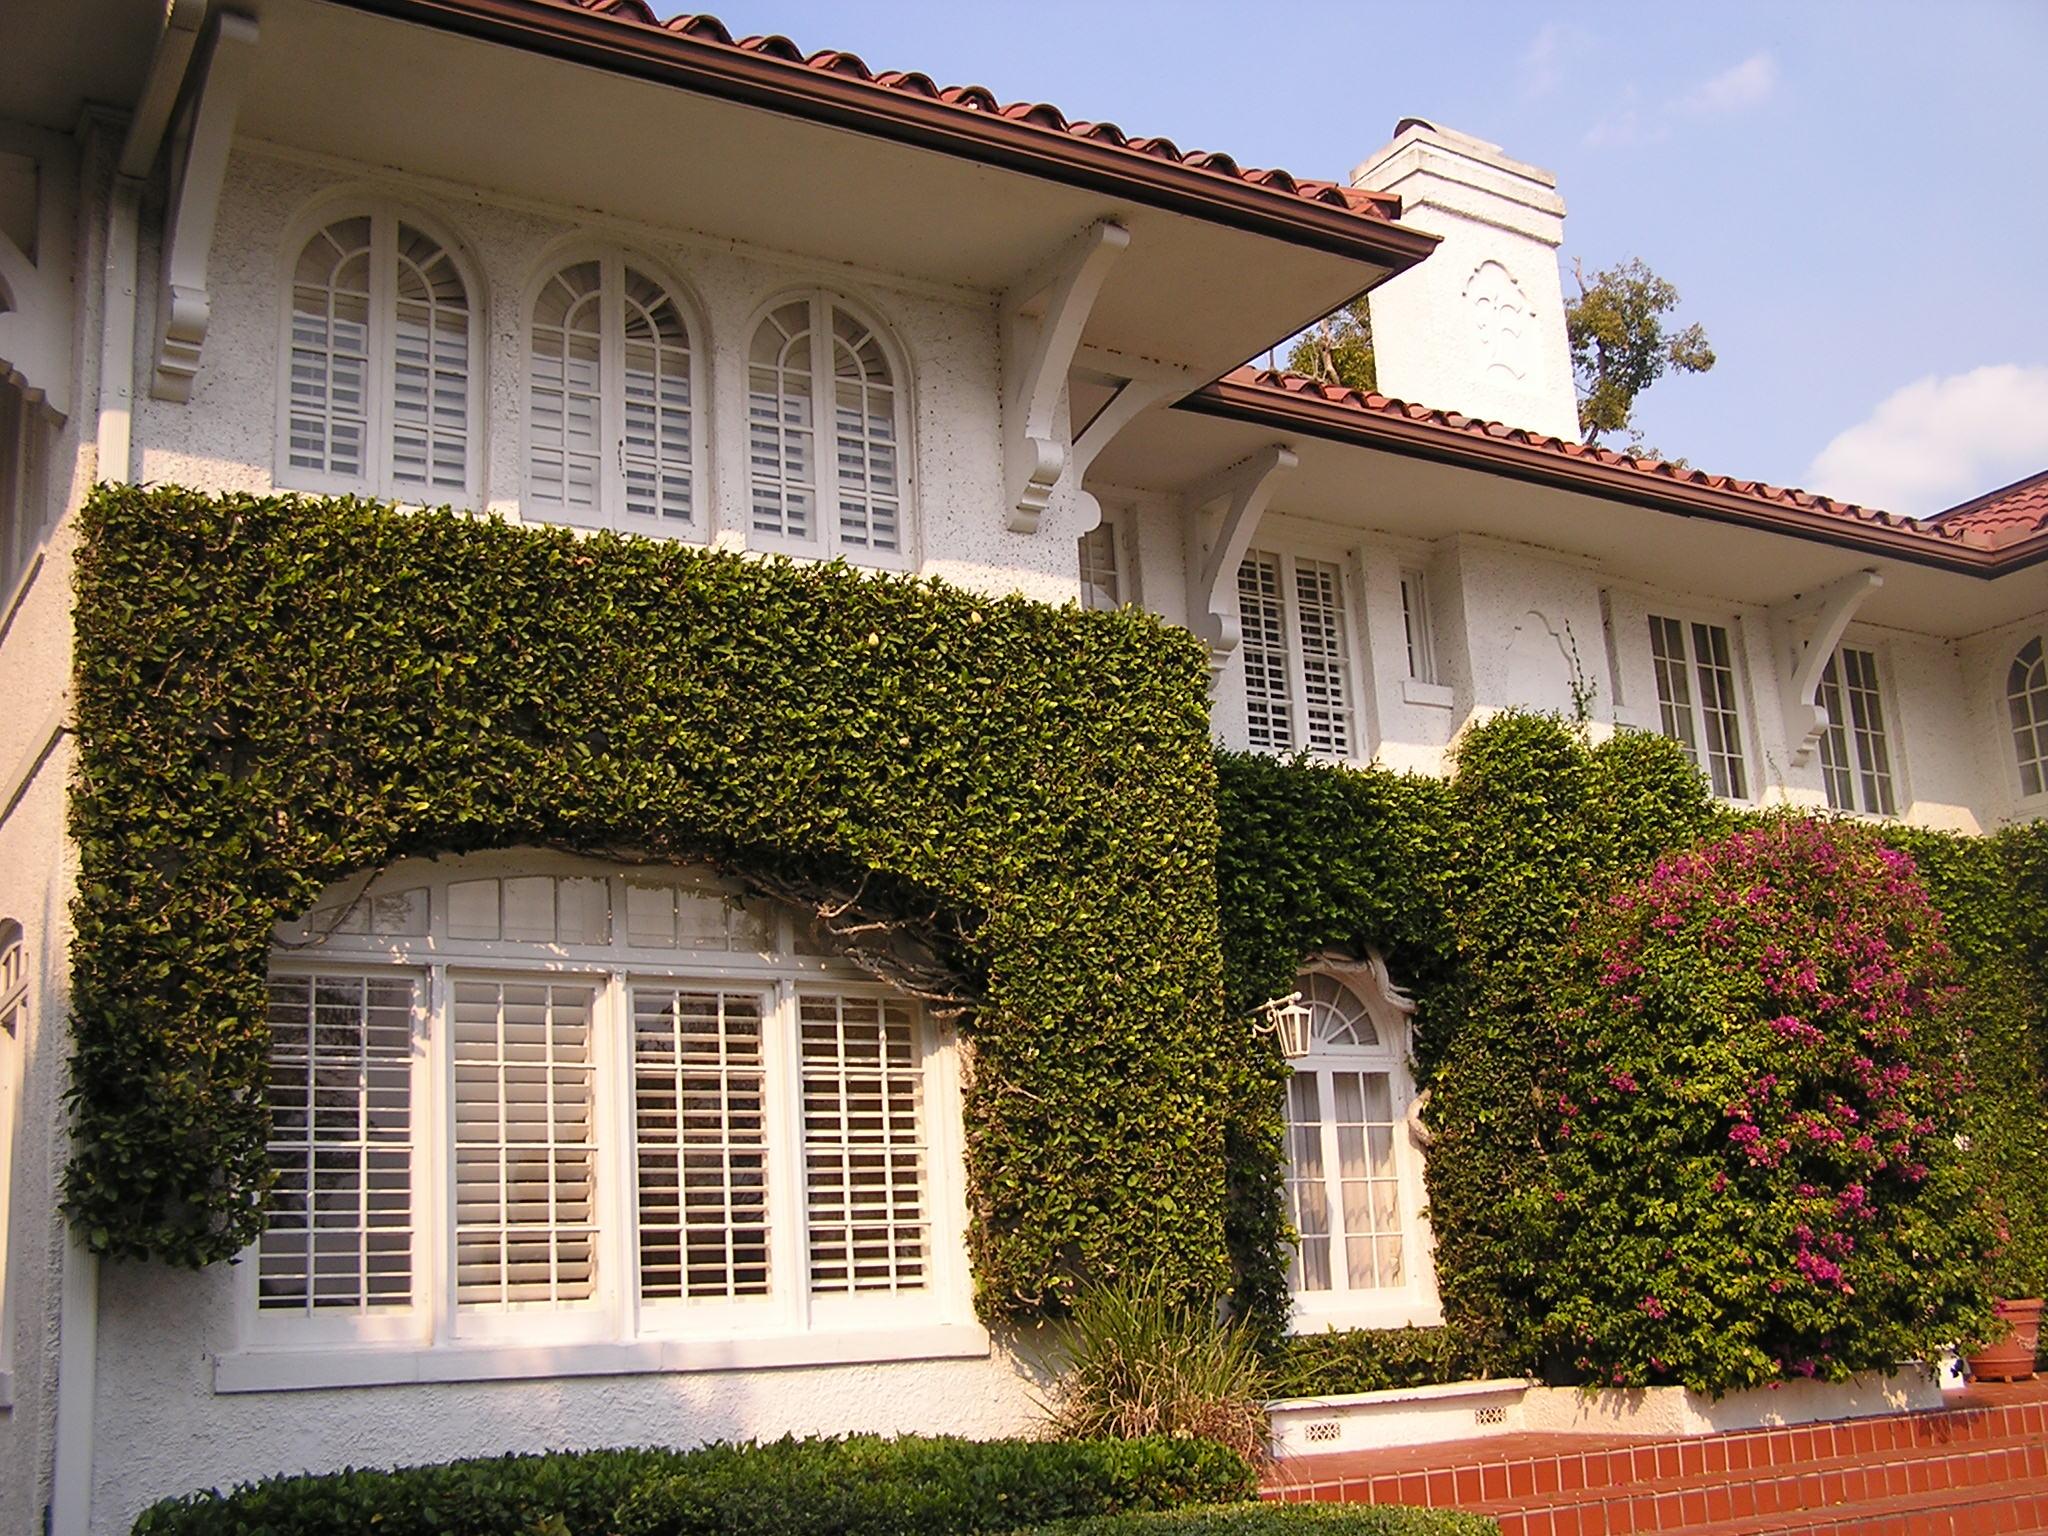 Residence_Etheridge.JPG